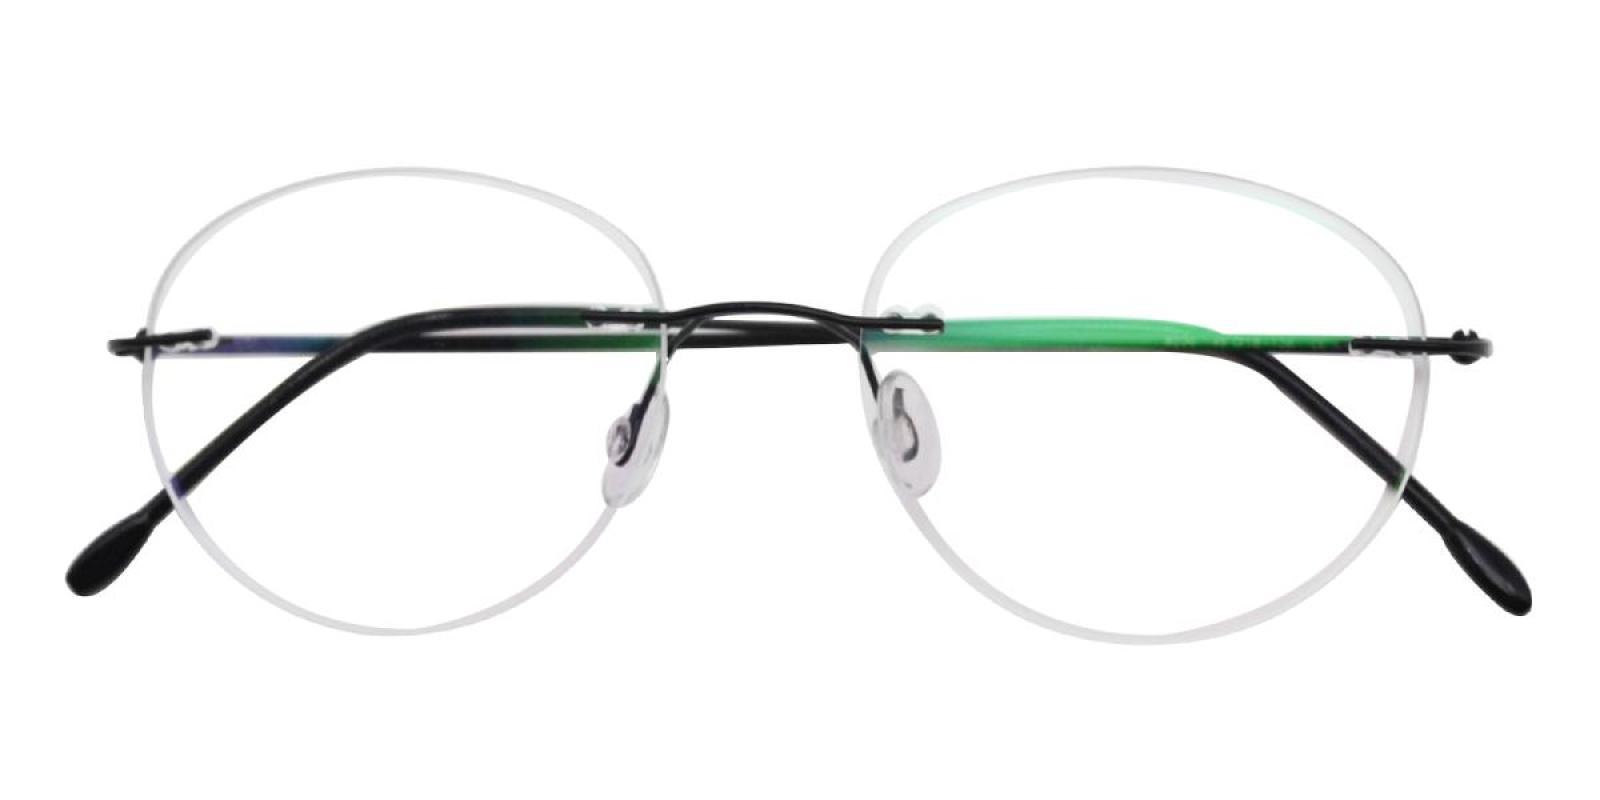 Ditto-Black-Varieties-Metal-Eyeglasses-detail